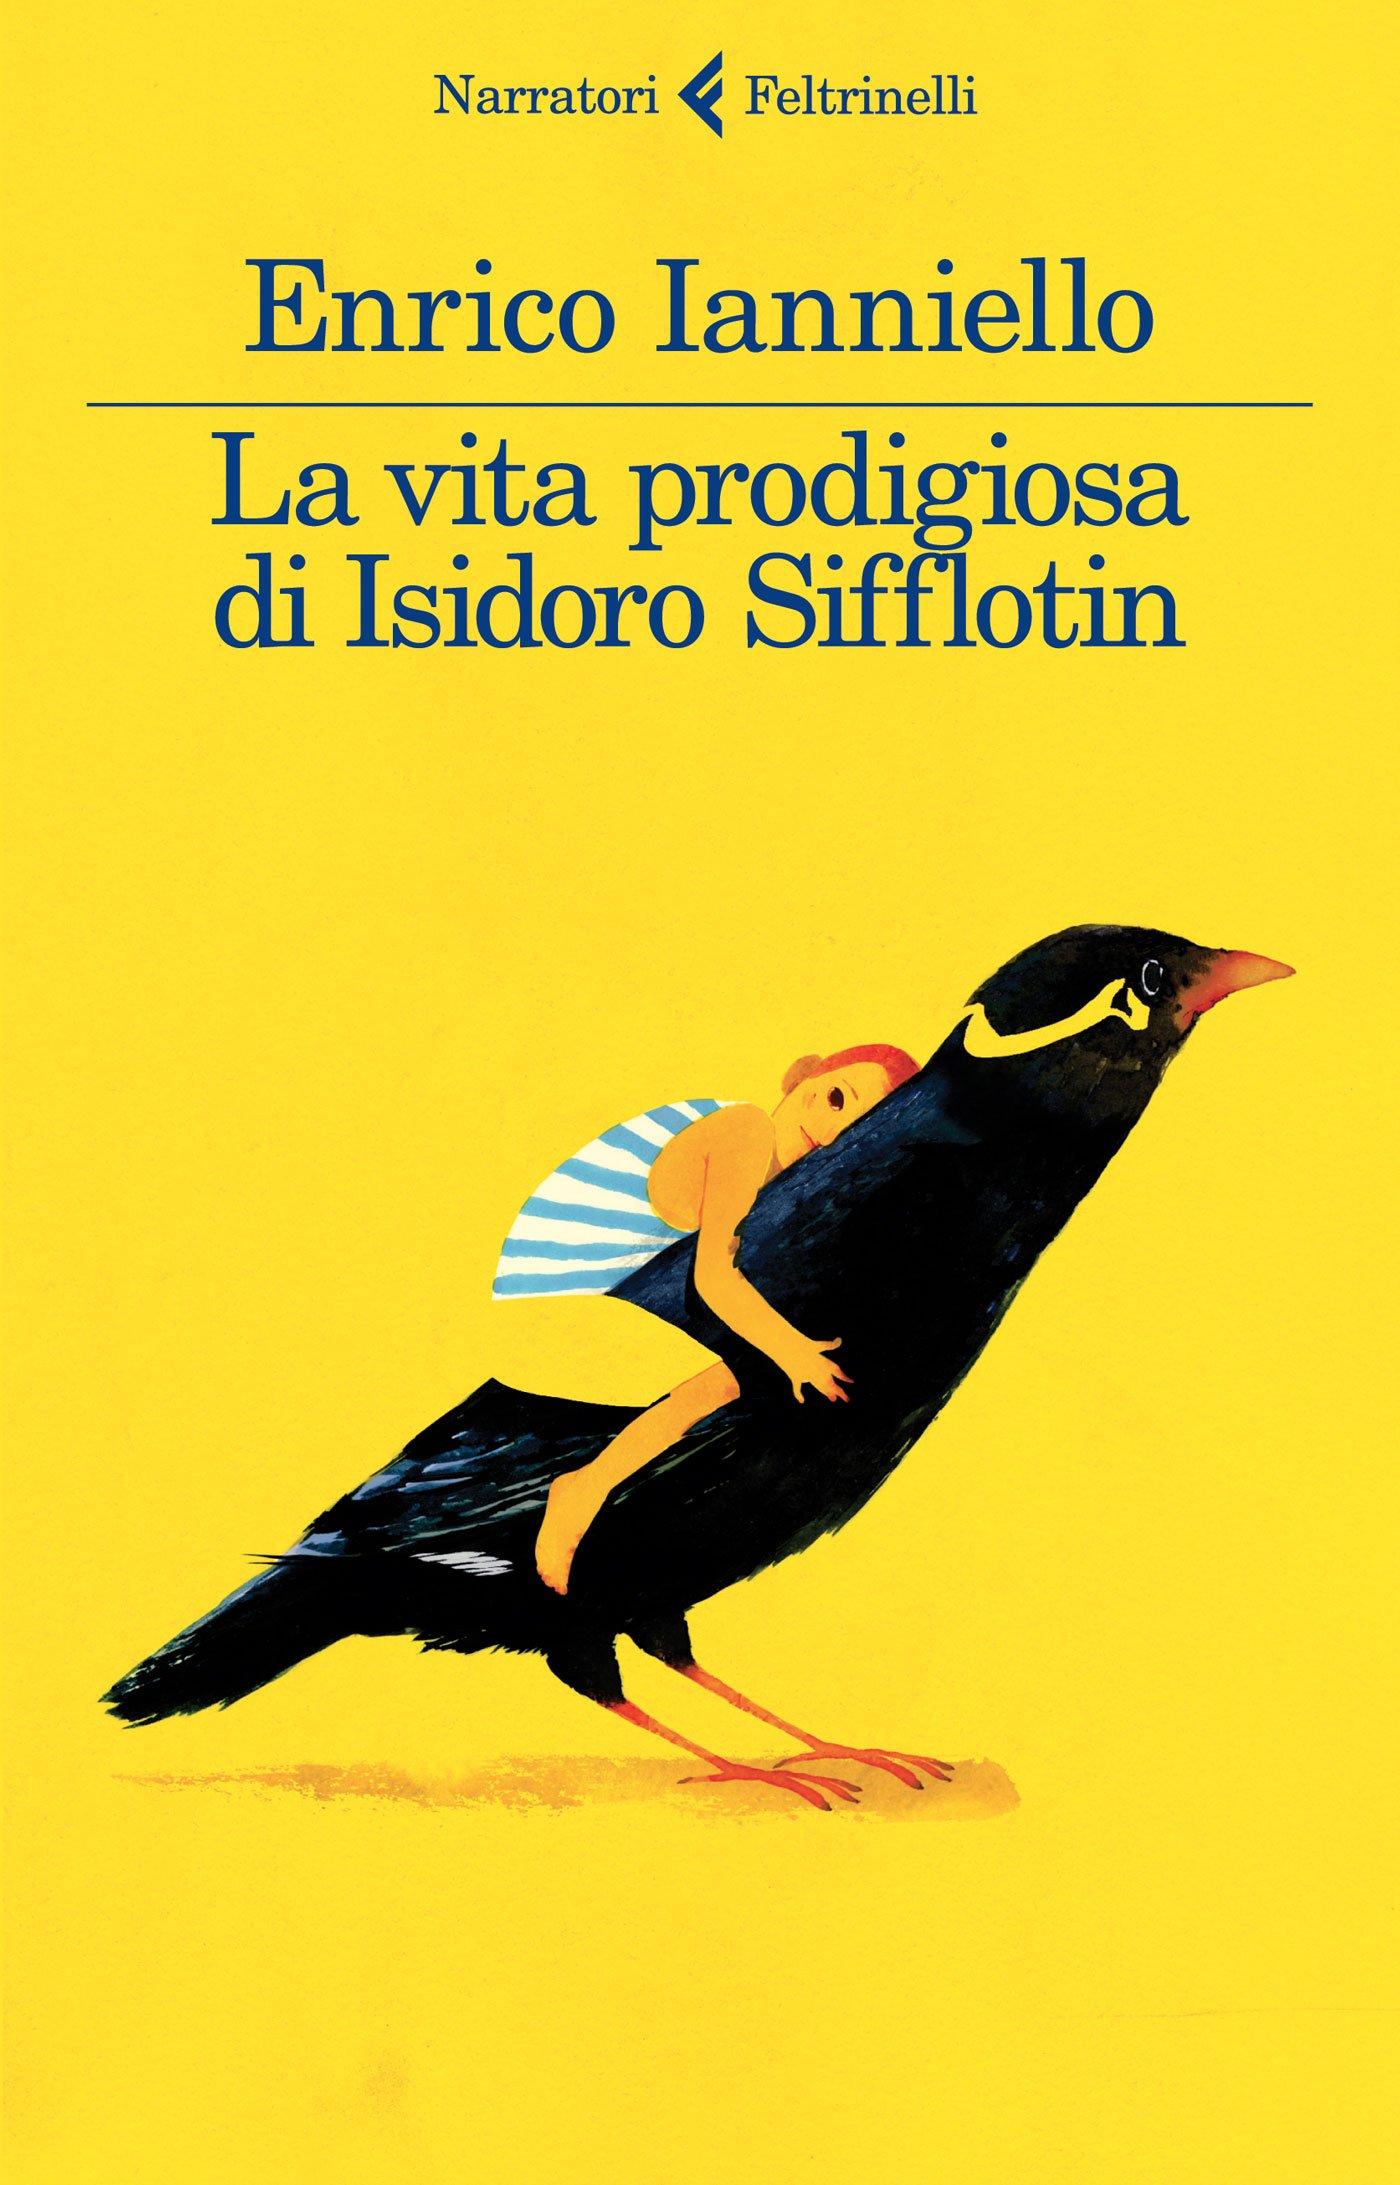 La vita prodigiosa di isidoro siffloton di enrico ianniello - Notte bianca specchia ...